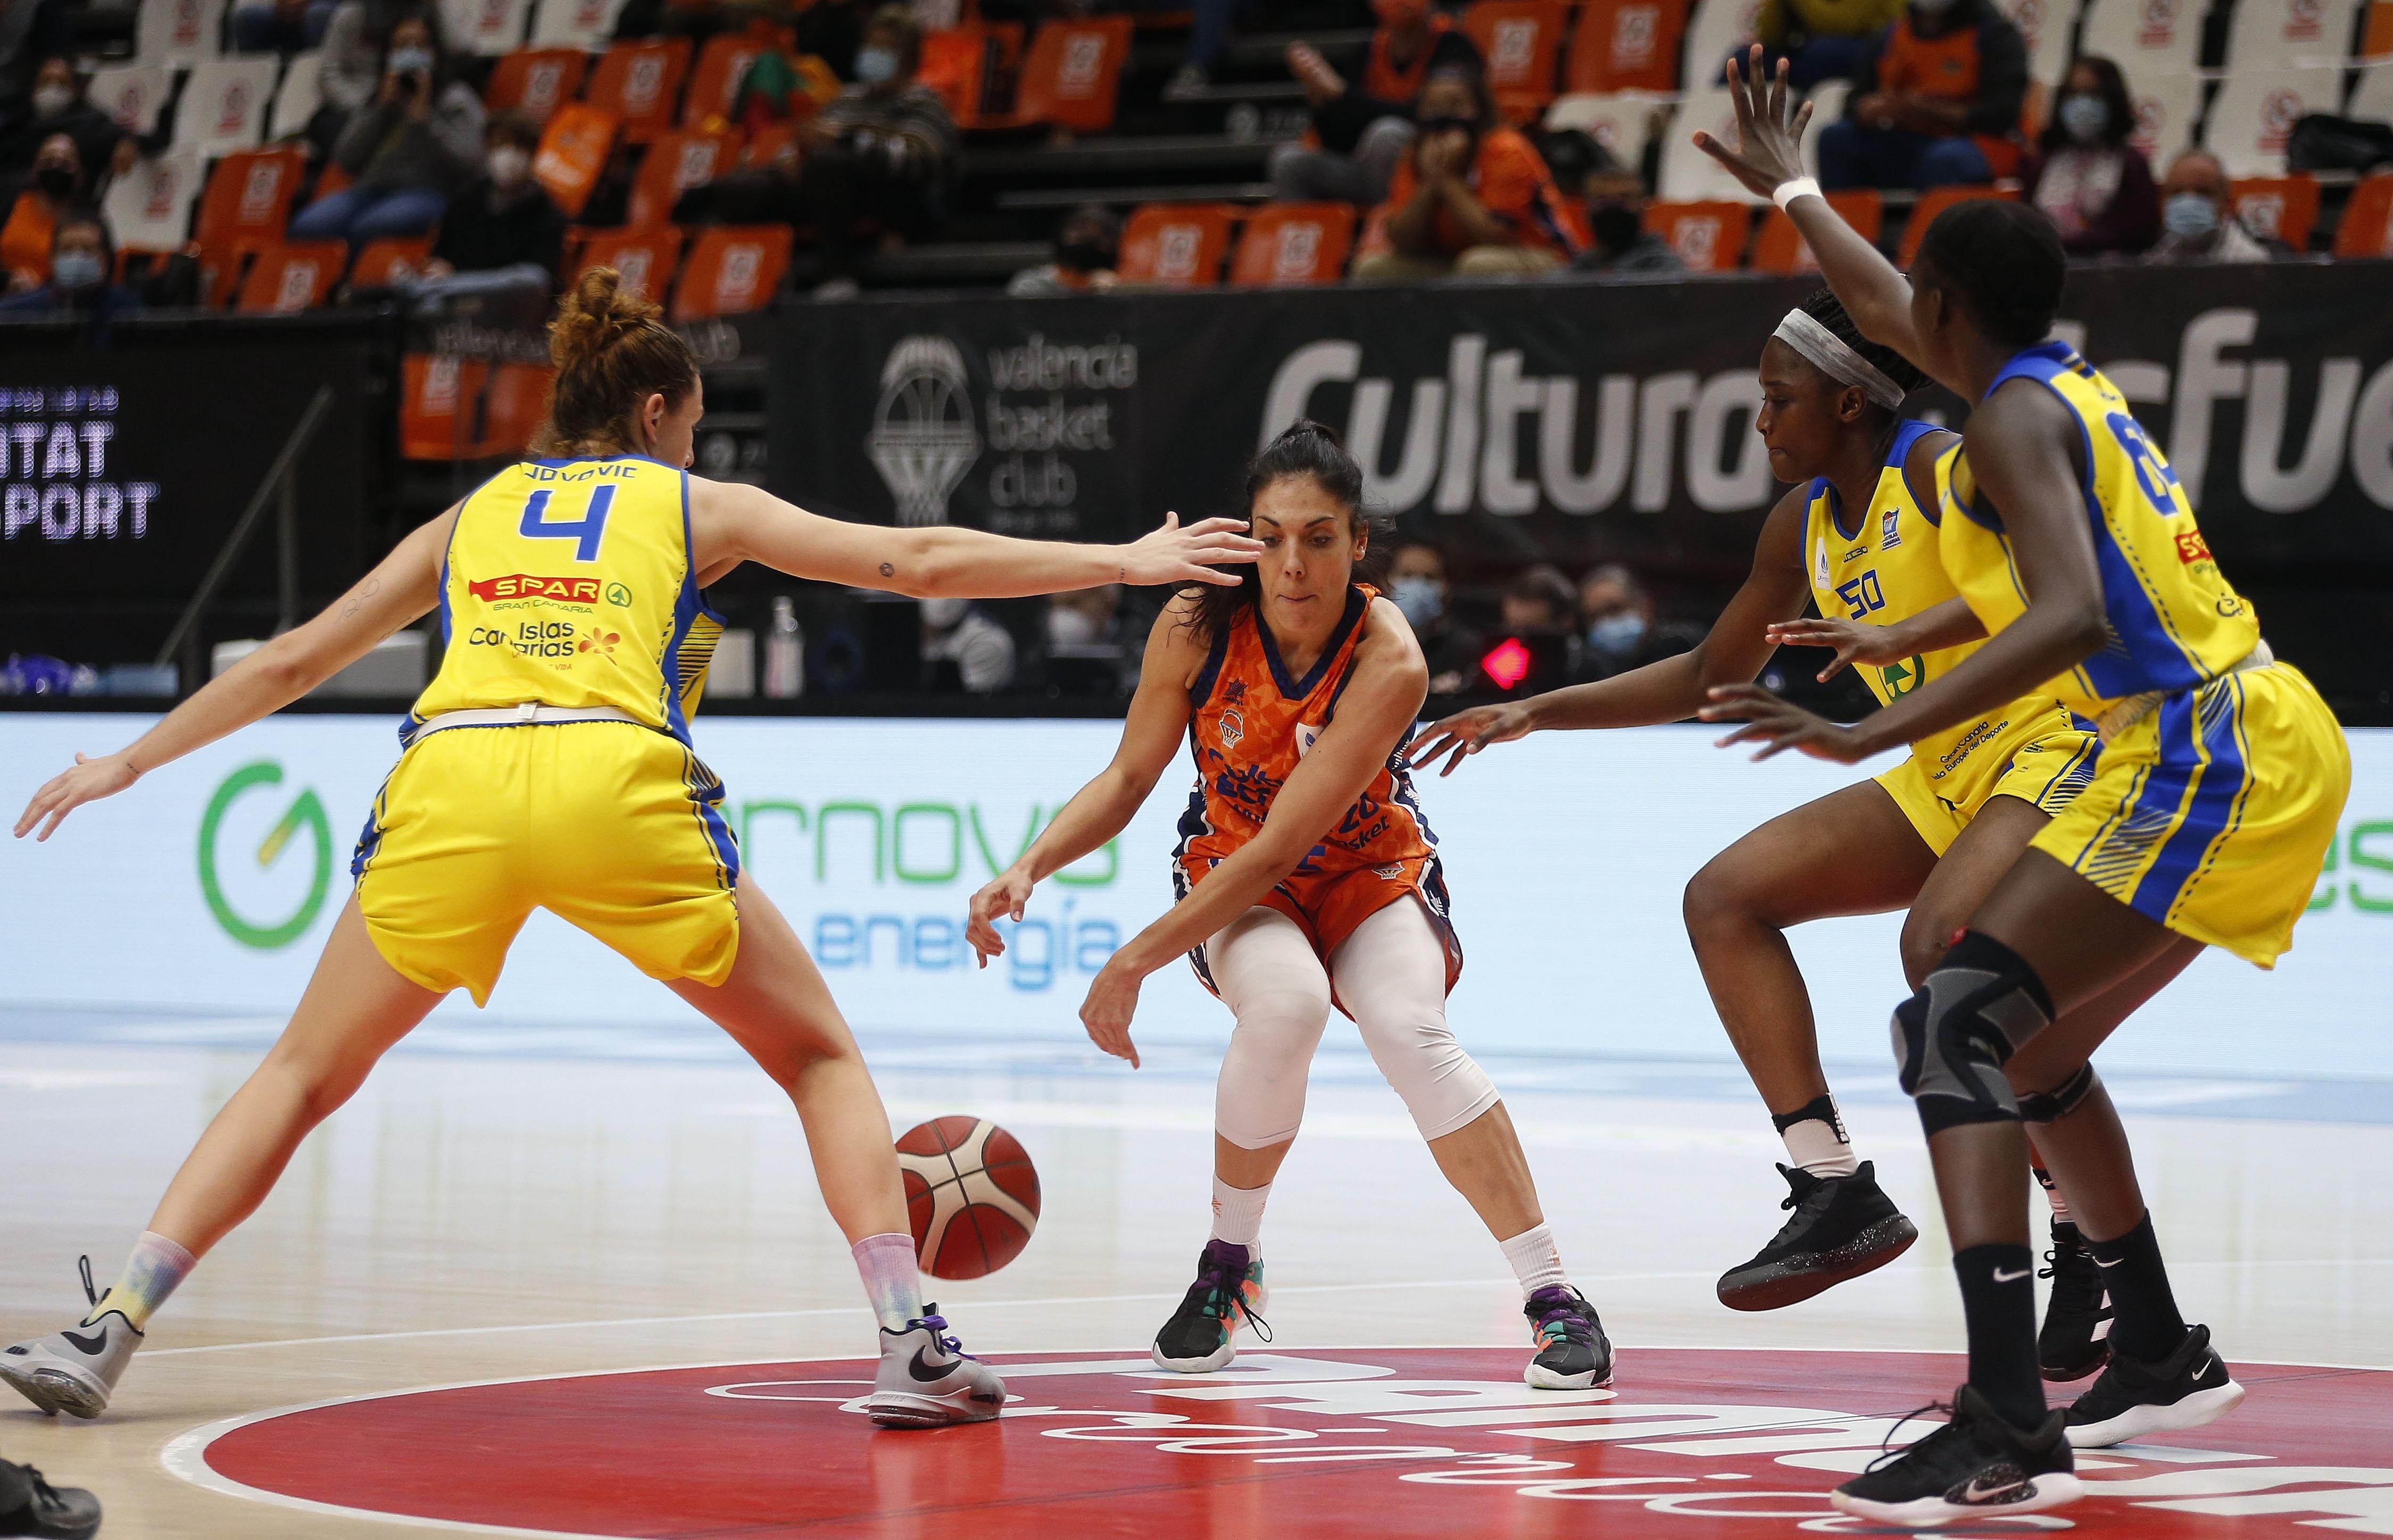 El CB Islas Canarias no tuvo opción en su visita al Valencia Basket